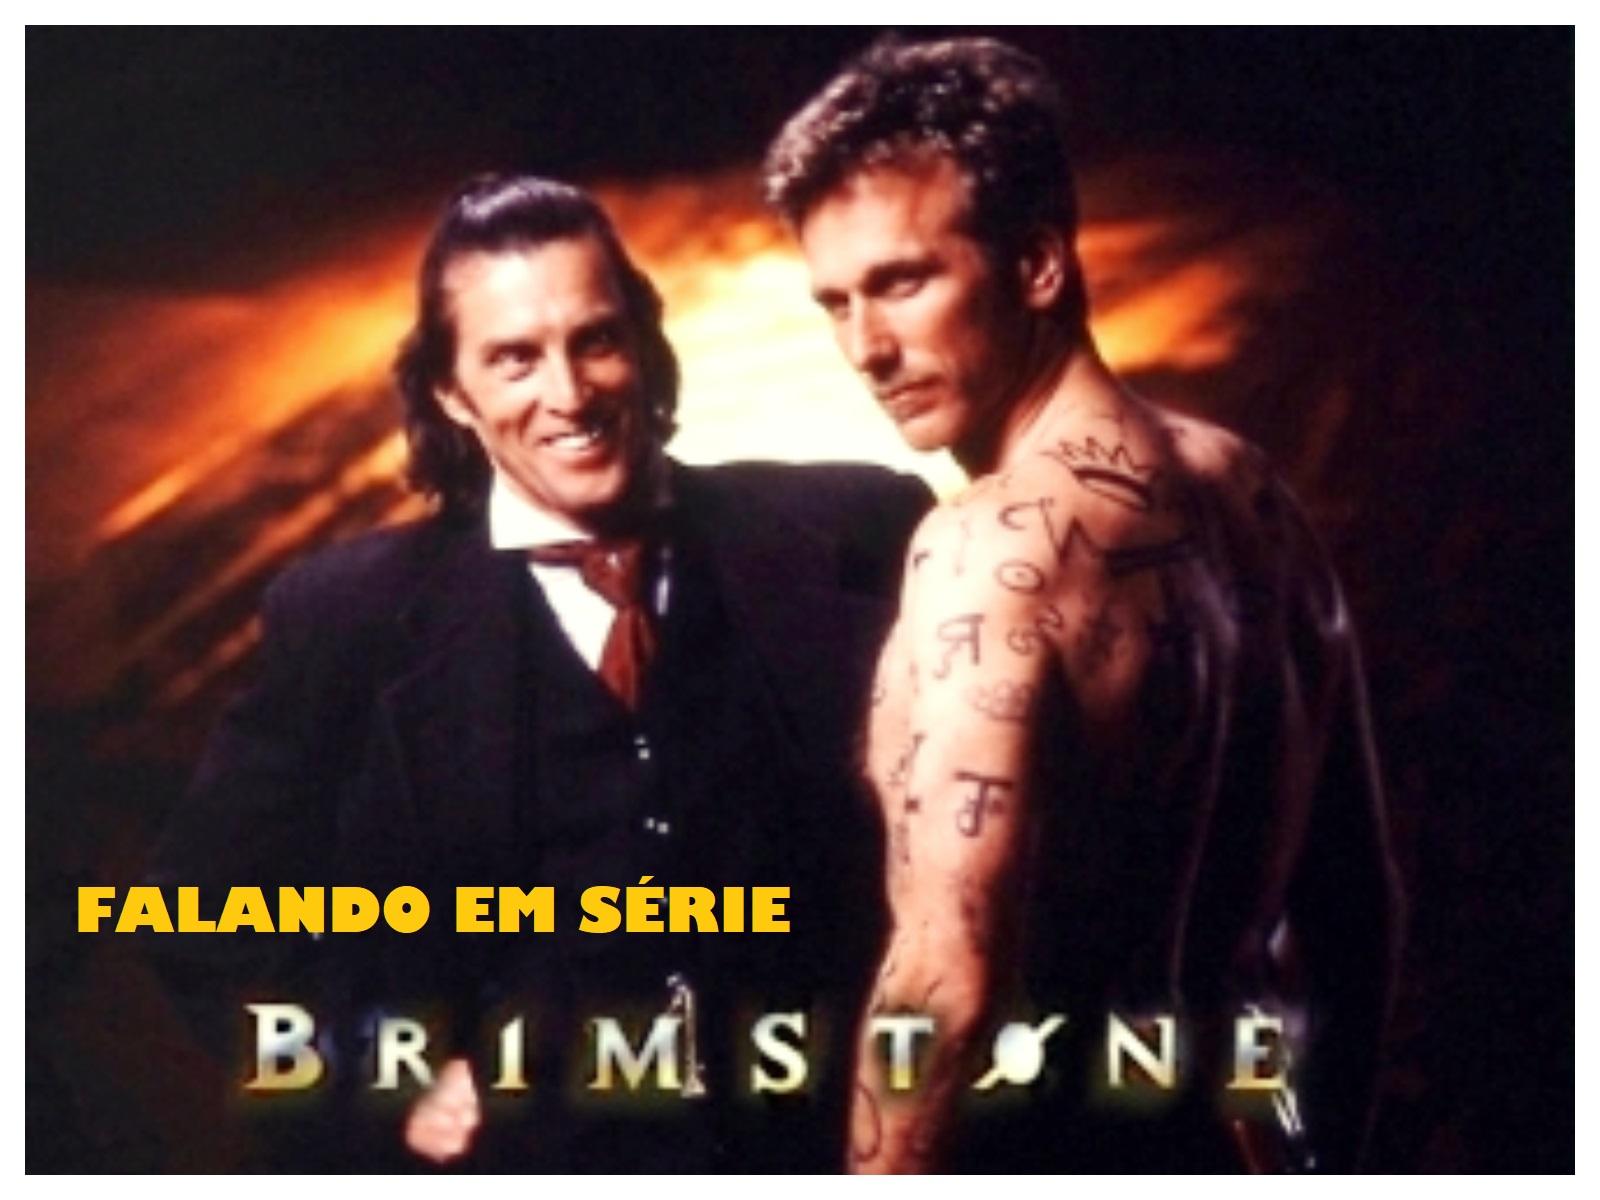 Falando em Série: BRIMSTONE (1998) - NÃO FAÇA ACORDOS COM O DIABO....